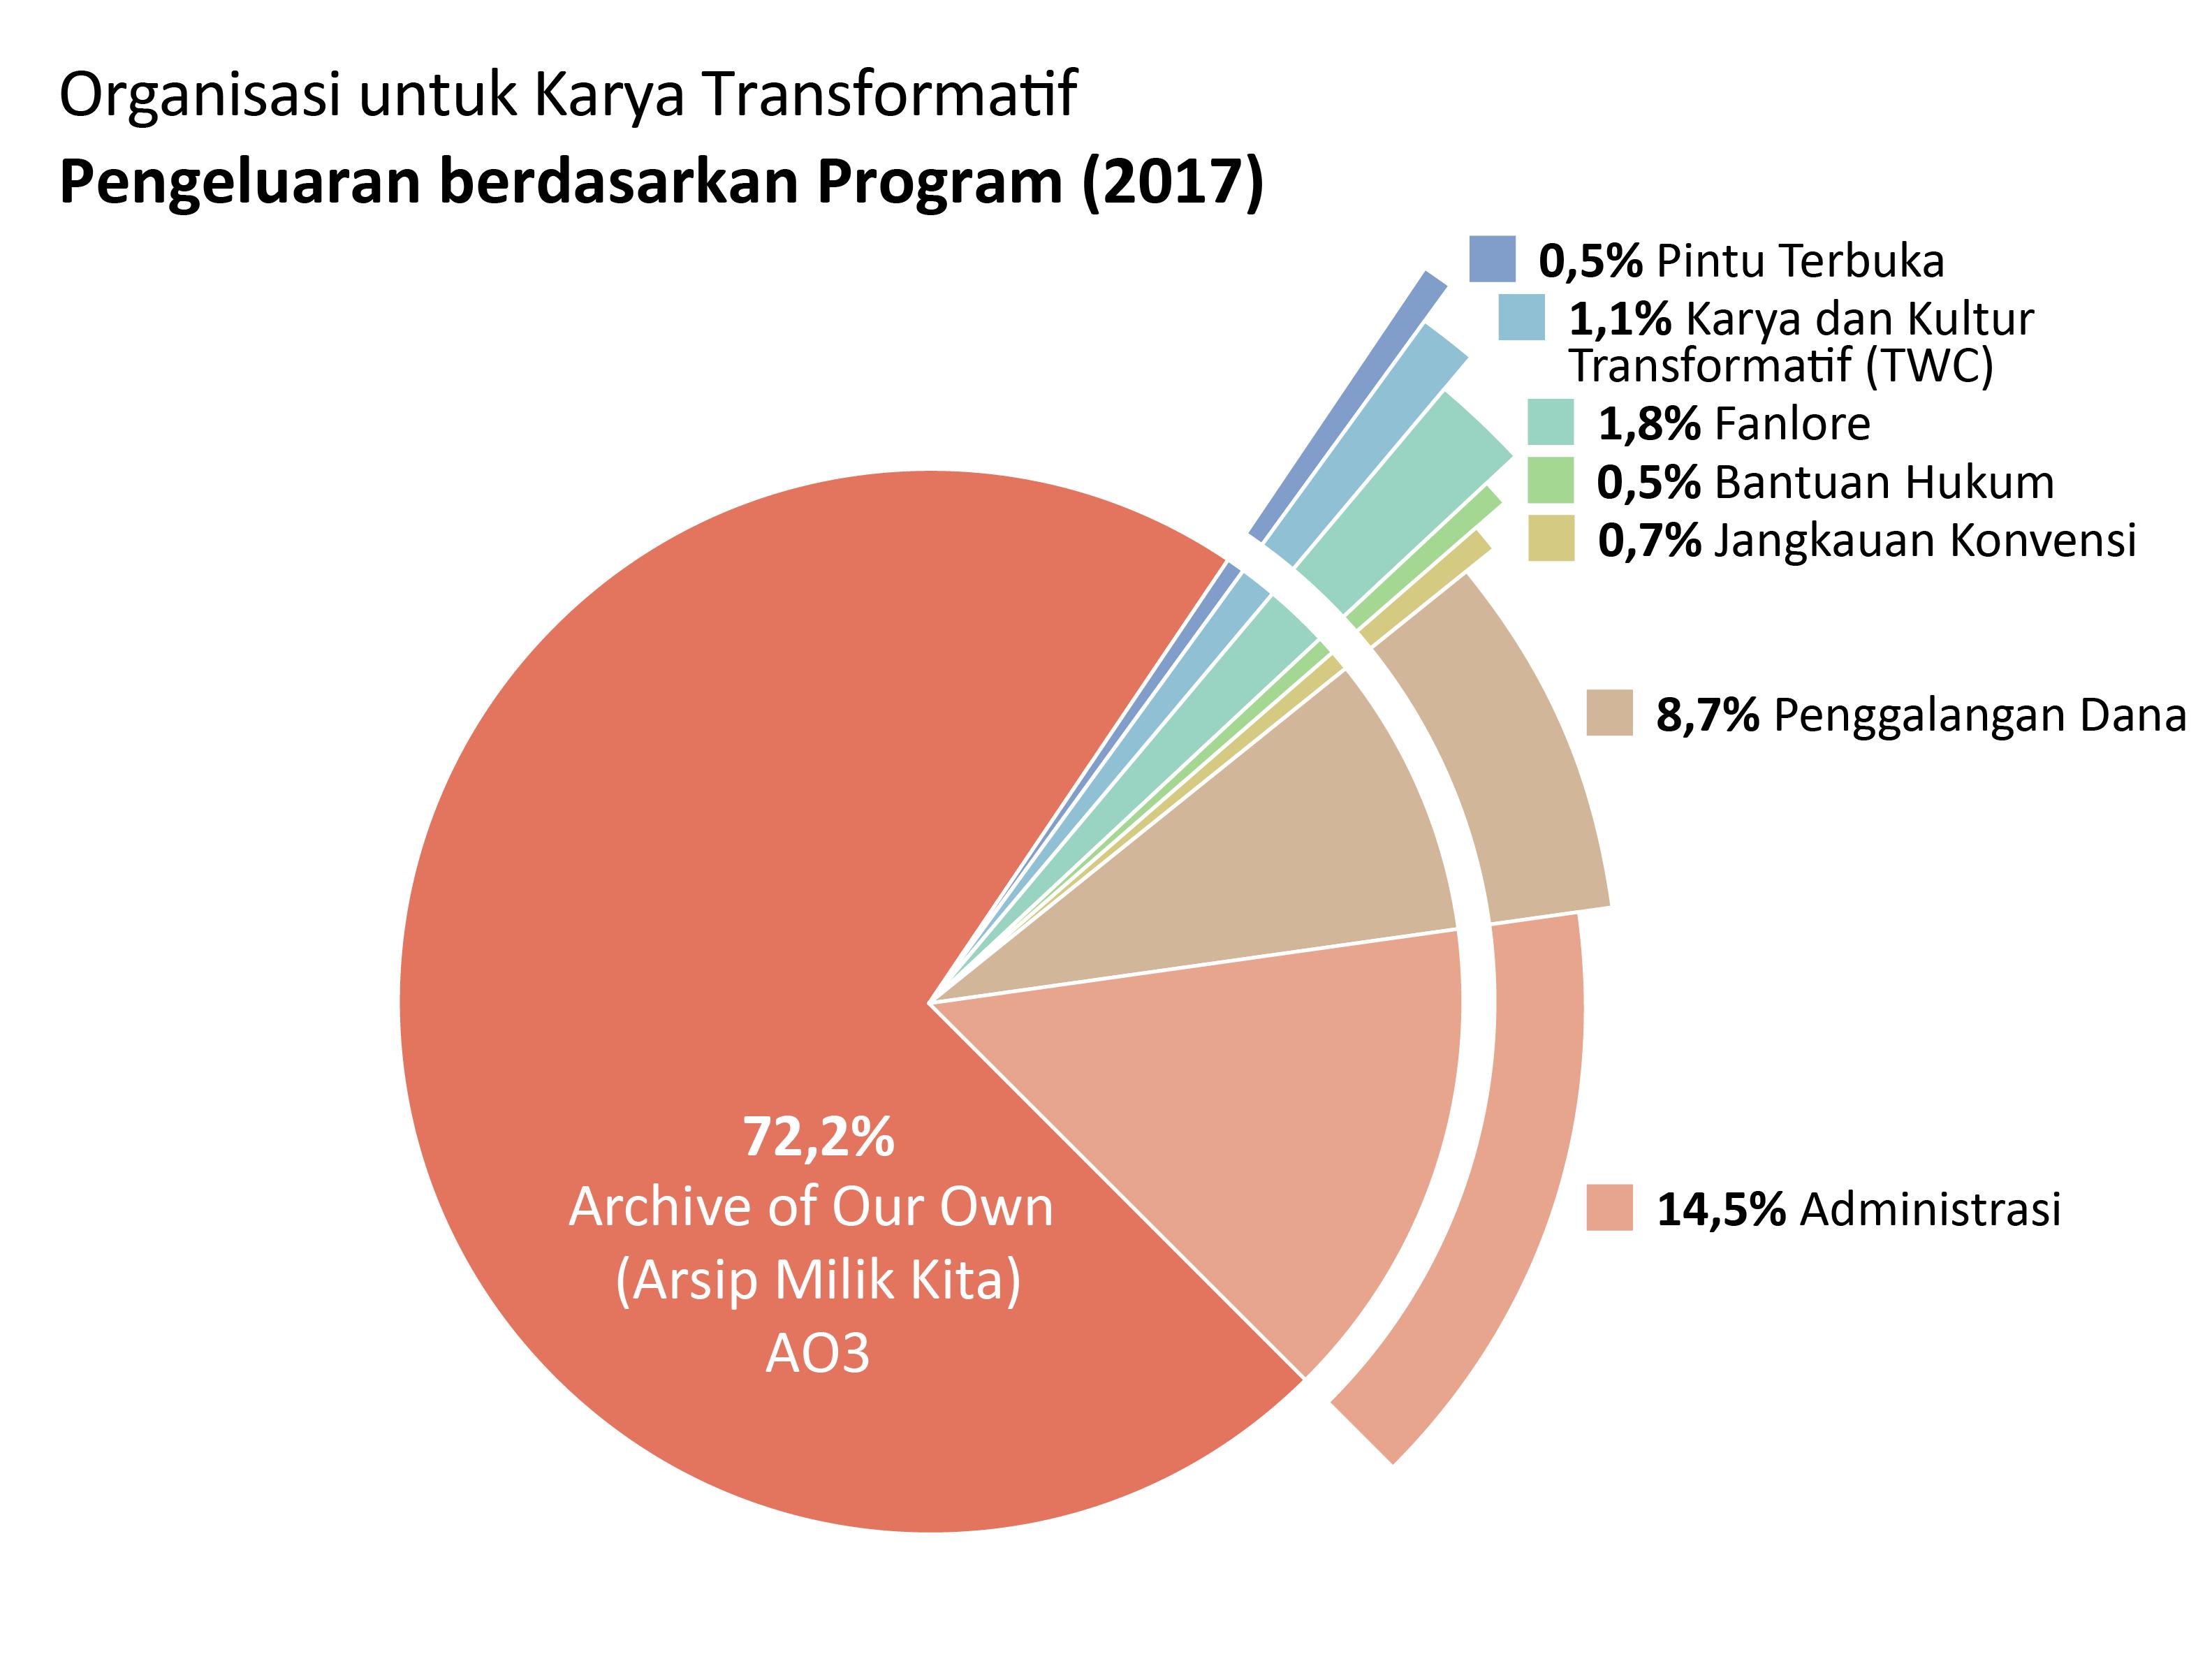 Pengeluaran berdasarkan program: AO3: 72.2%. Pintu Terbuka: 0.5%. TWC: 1.1%. Fanlore: 1.8%. Bantuan Hukum:0.5% Jangkauan Konvensi:0.7%. Administrasi: 14.5%. Penggalangan Dana: 8.7%.